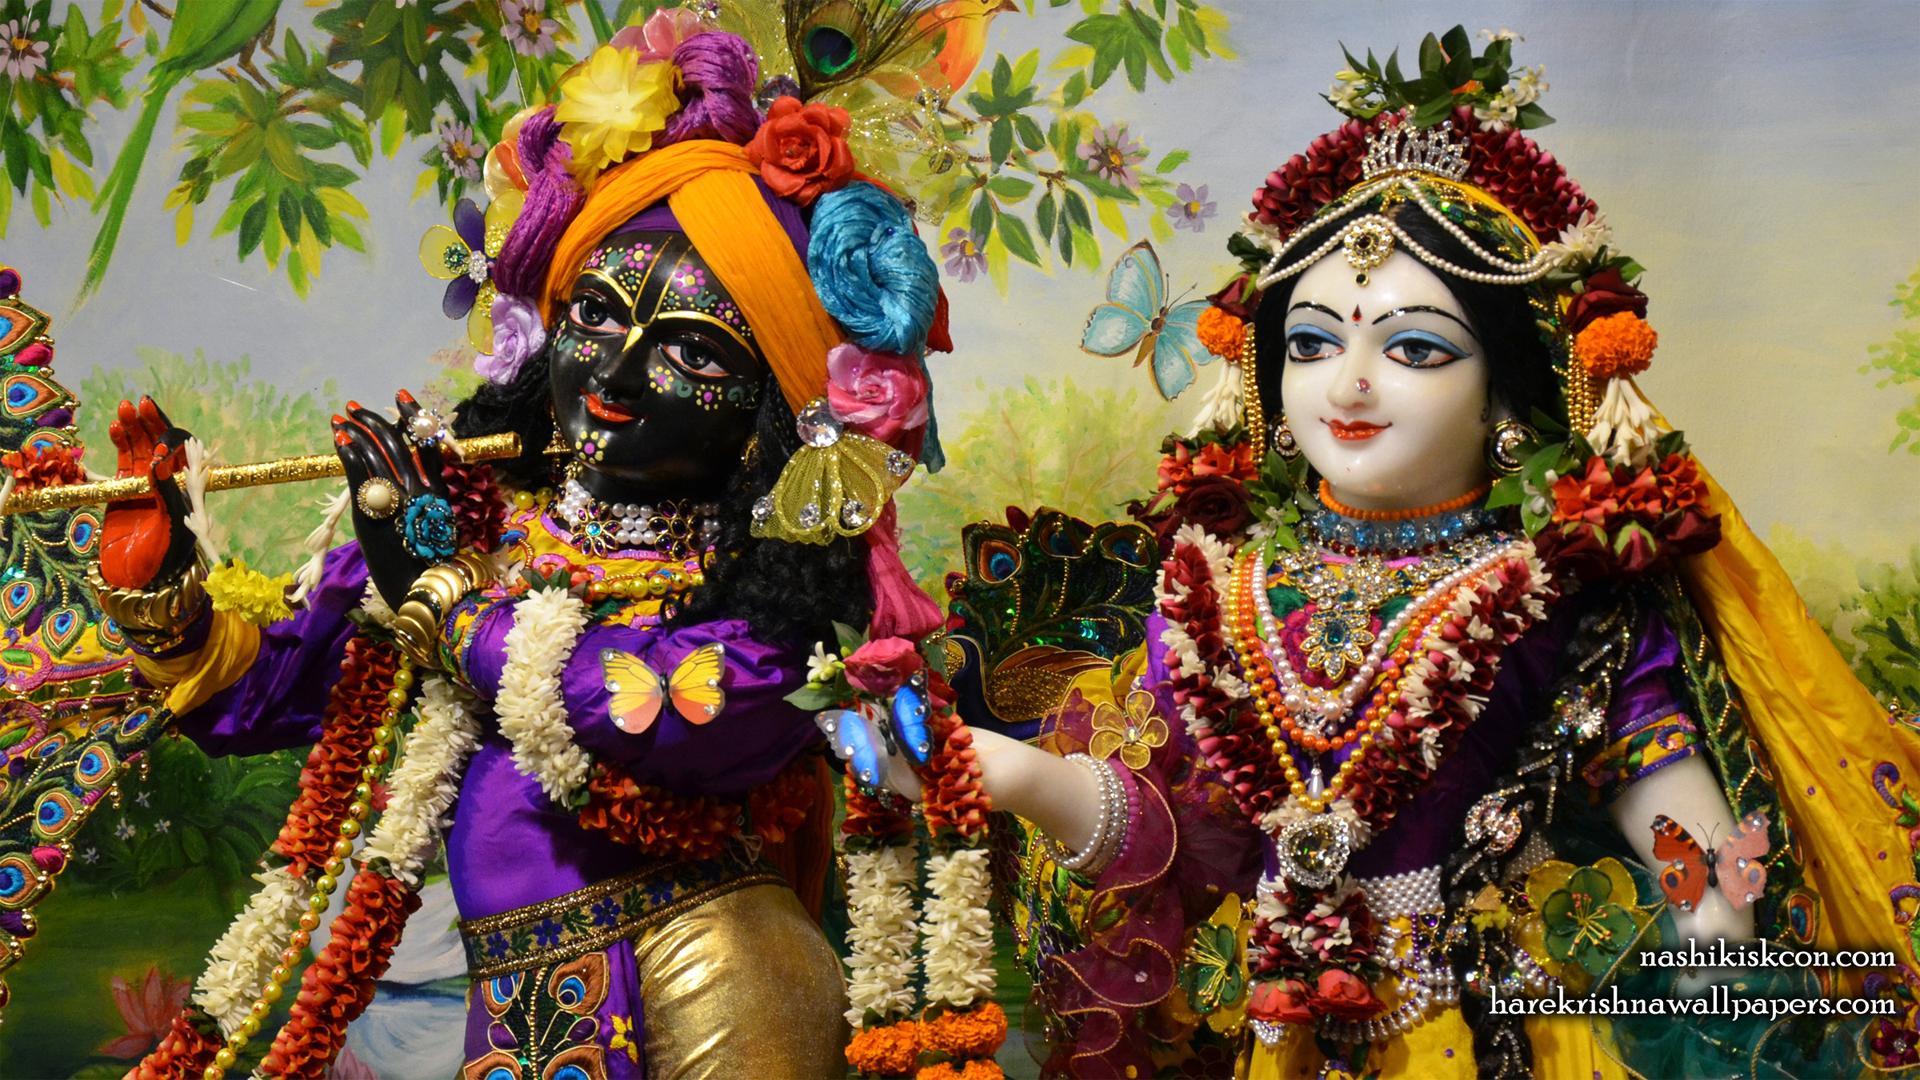 Sri Sri Radha Madan Gopal Close up Wallpaper (001) Size 1920x1080 Download